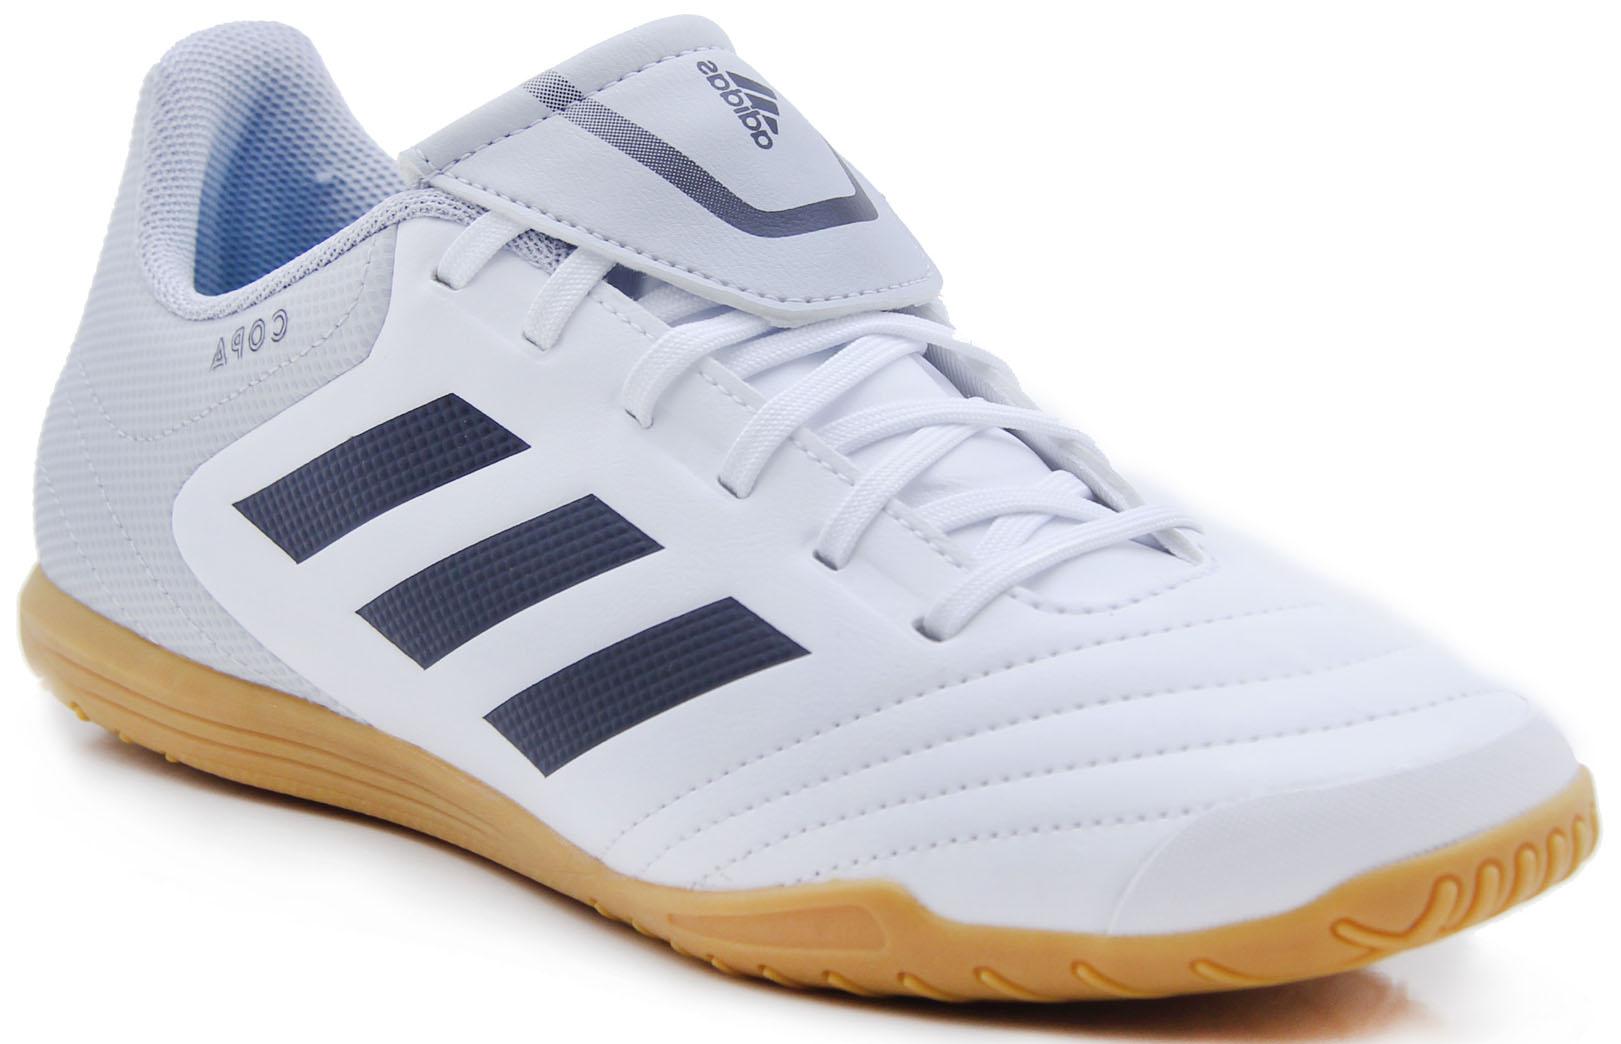 Бутсы для футзала мужские Adidas Copa 17.4 IN, цвет: белый, черный. S77149. Размер 6 (38)S77149Футбольные бутсы (для зала) муж.• Верх: Верх из мягкой синтетической кожи• Подошва: Полностью регулируемая подошваразработана для покрытия для мини-футбола